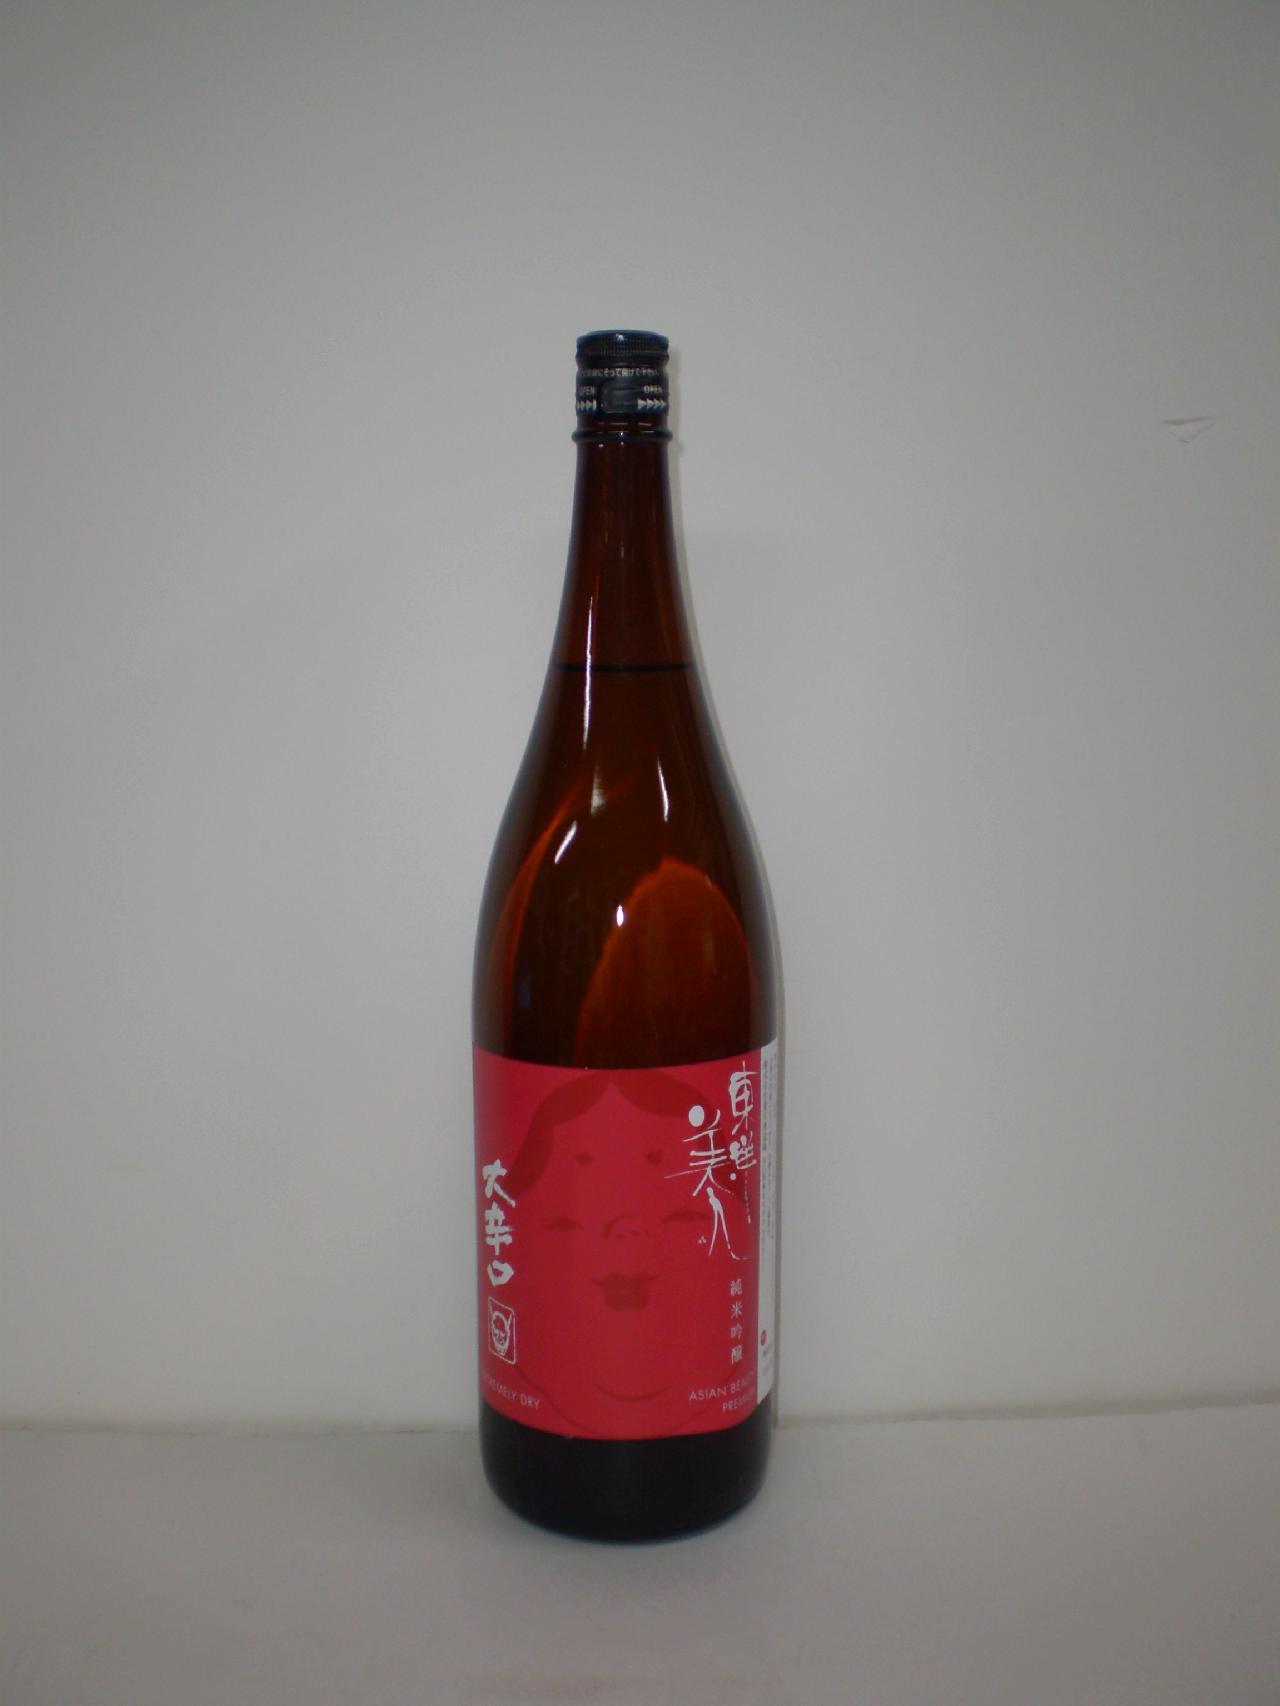 東洋美人 大辛口 純米吟醸 1800ml 澄川酒造場